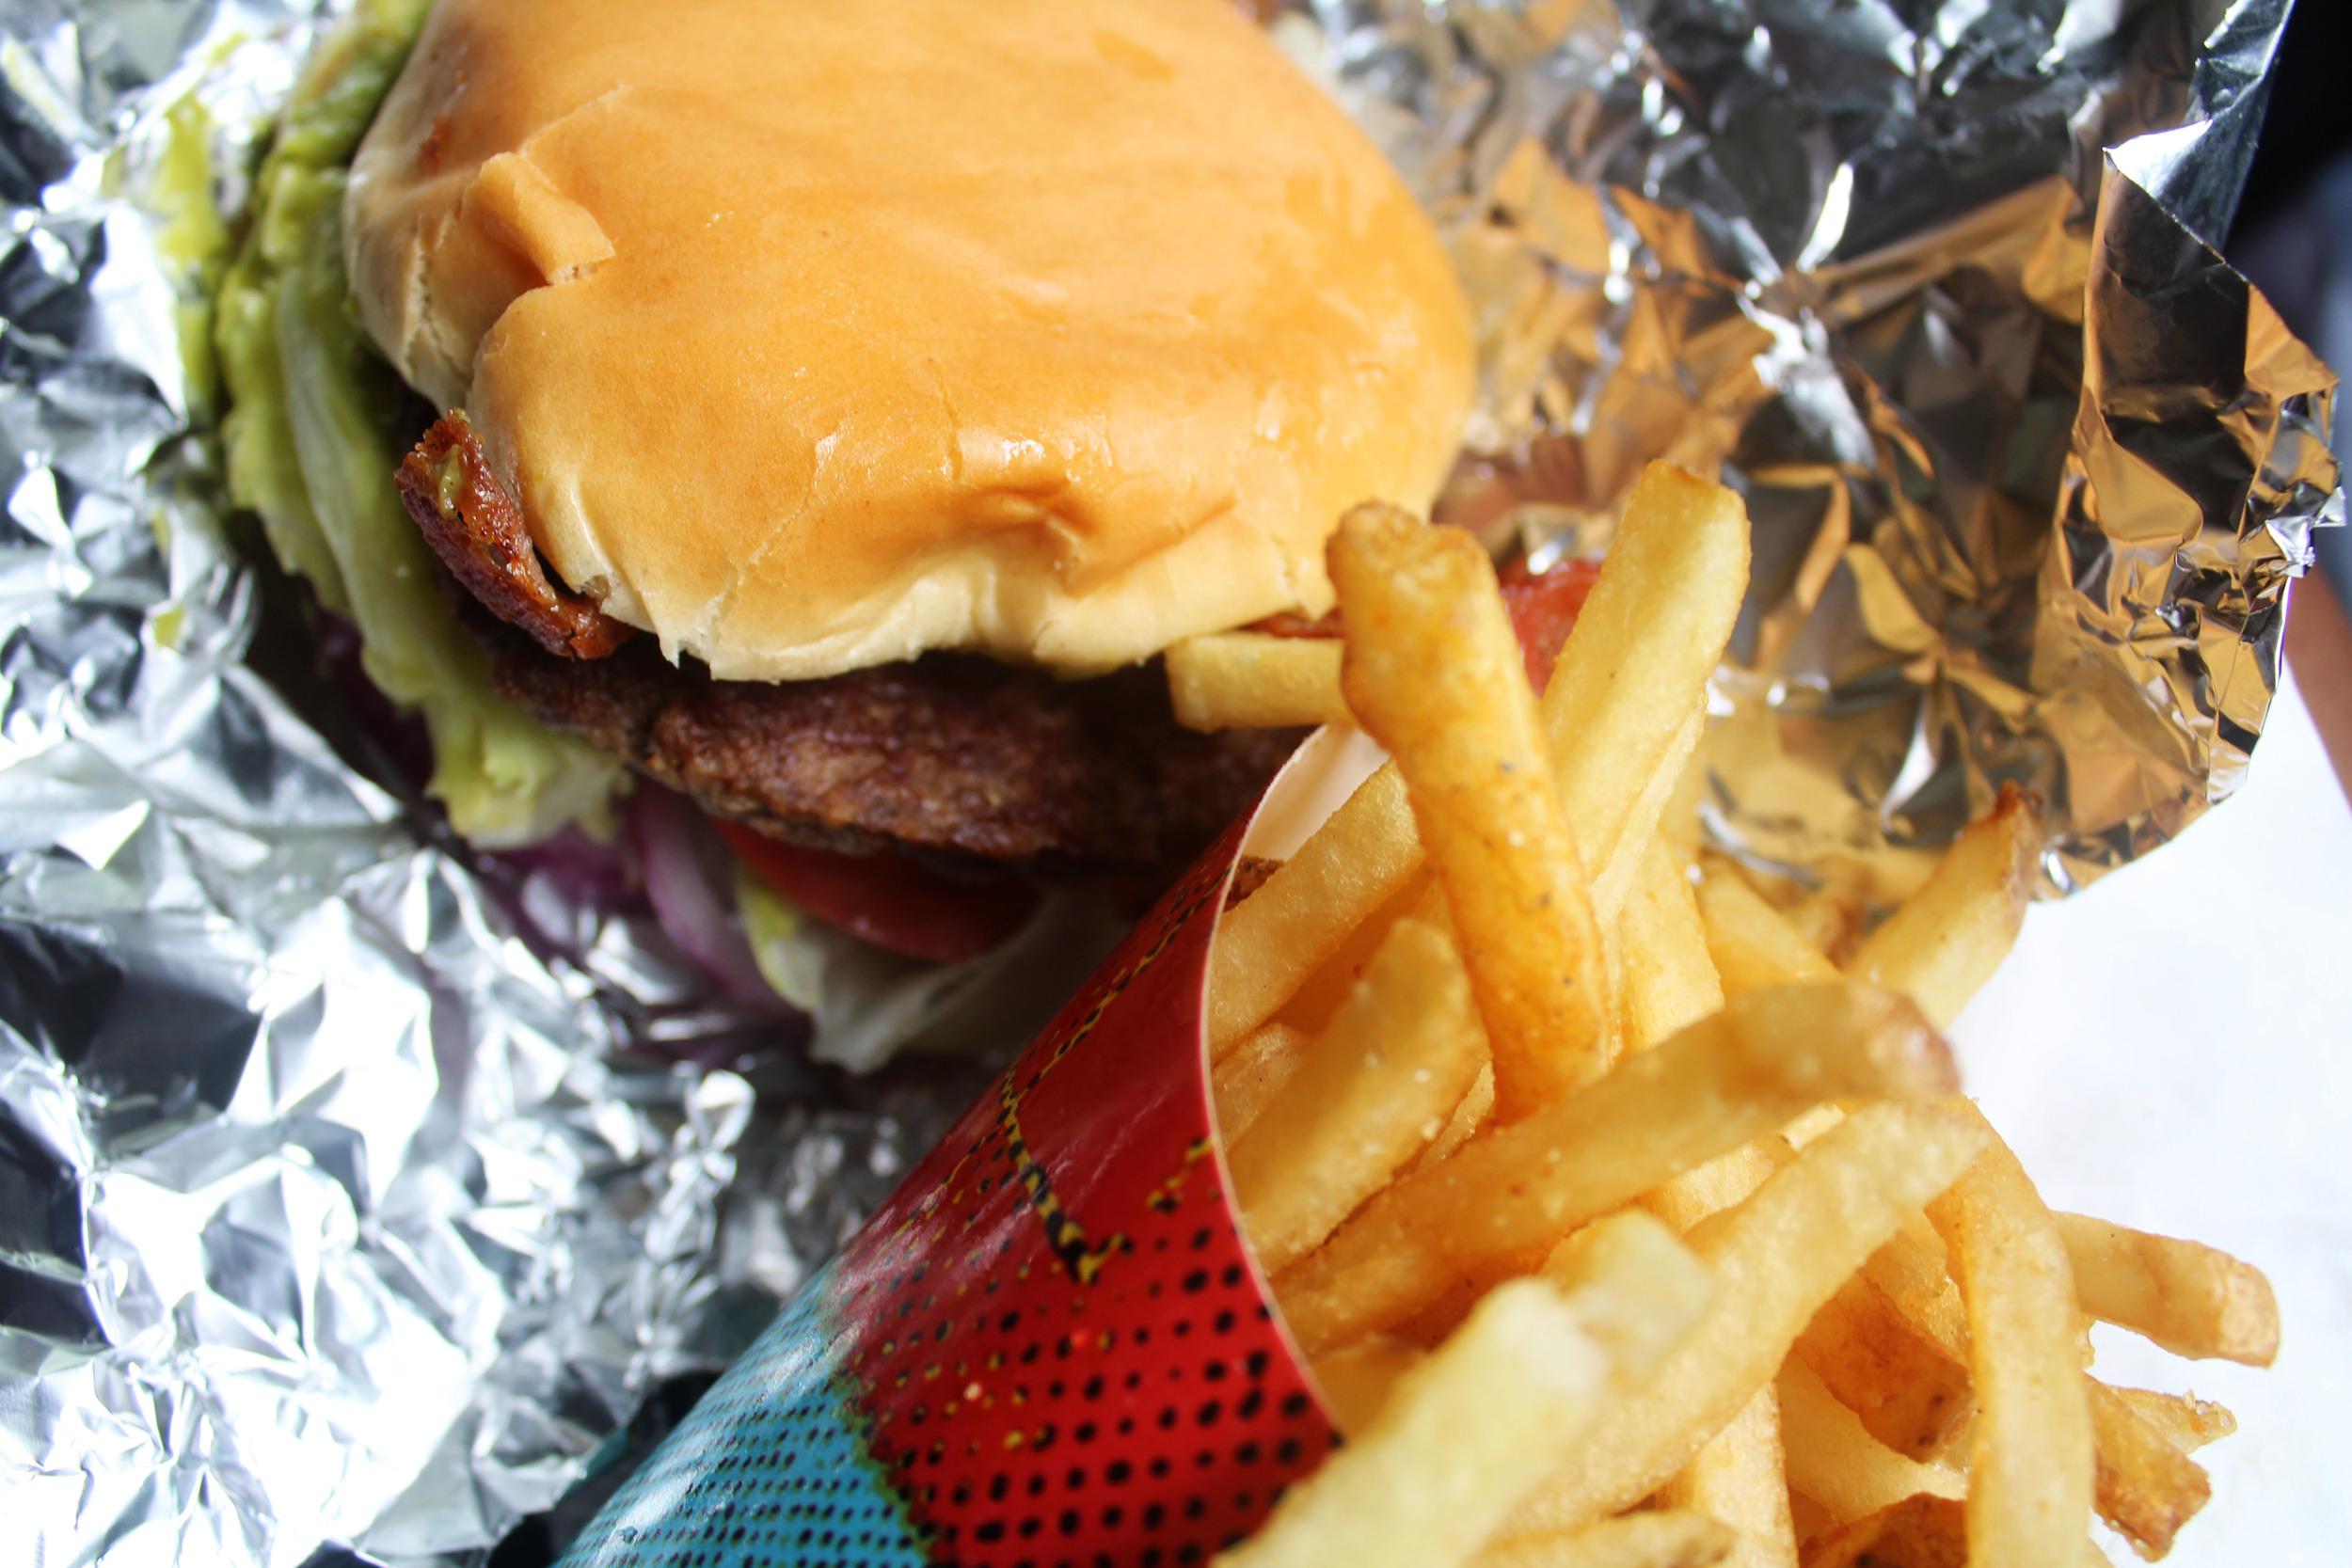 Good Times Guacamole Bacon Burger